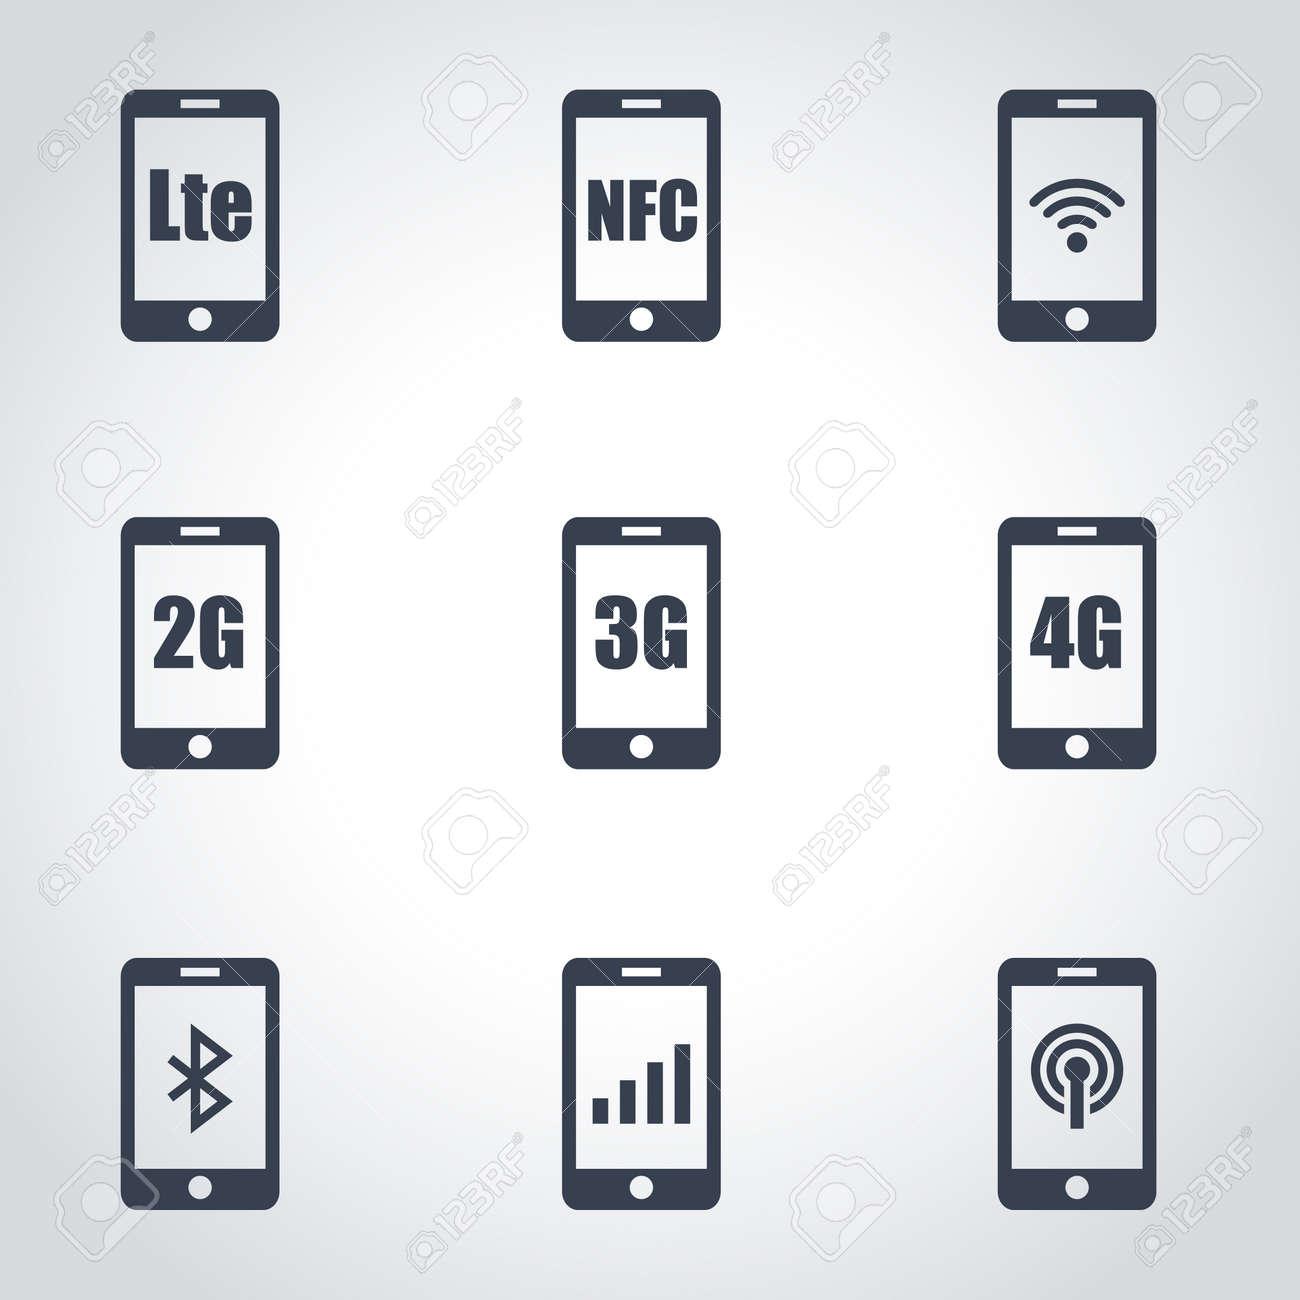 3G, 4G And LTE Technology. Wireless Communication Technology ...